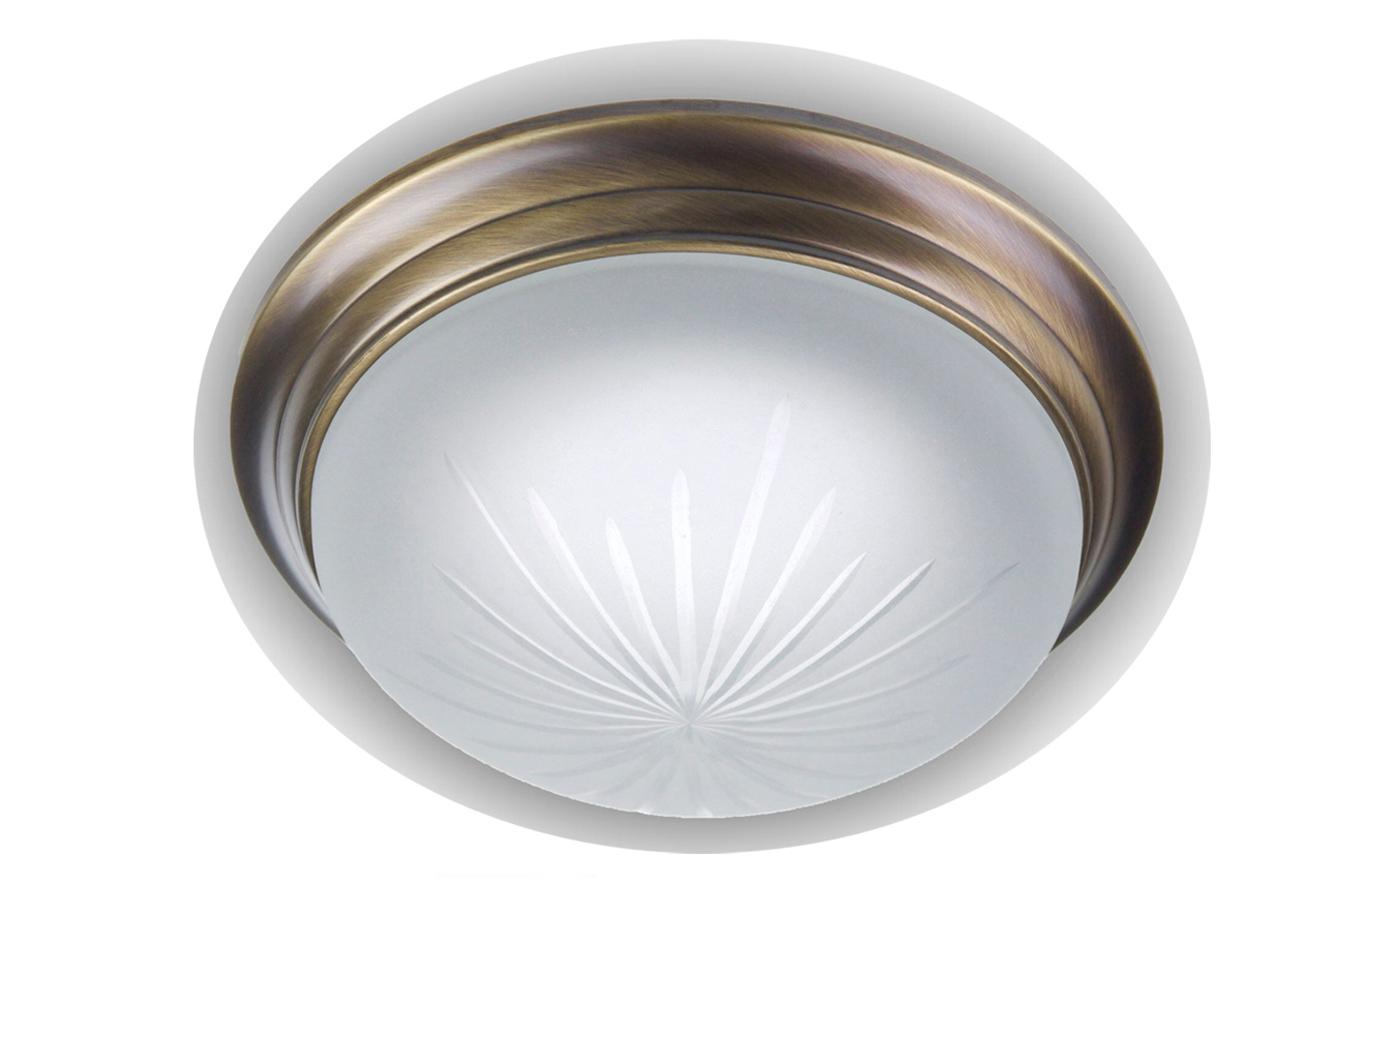 LED-Deckenlampe-Schliffglas-Altmessing-gewoelbt-Dielenlampe-30cm-Kuechenlampe-NEU